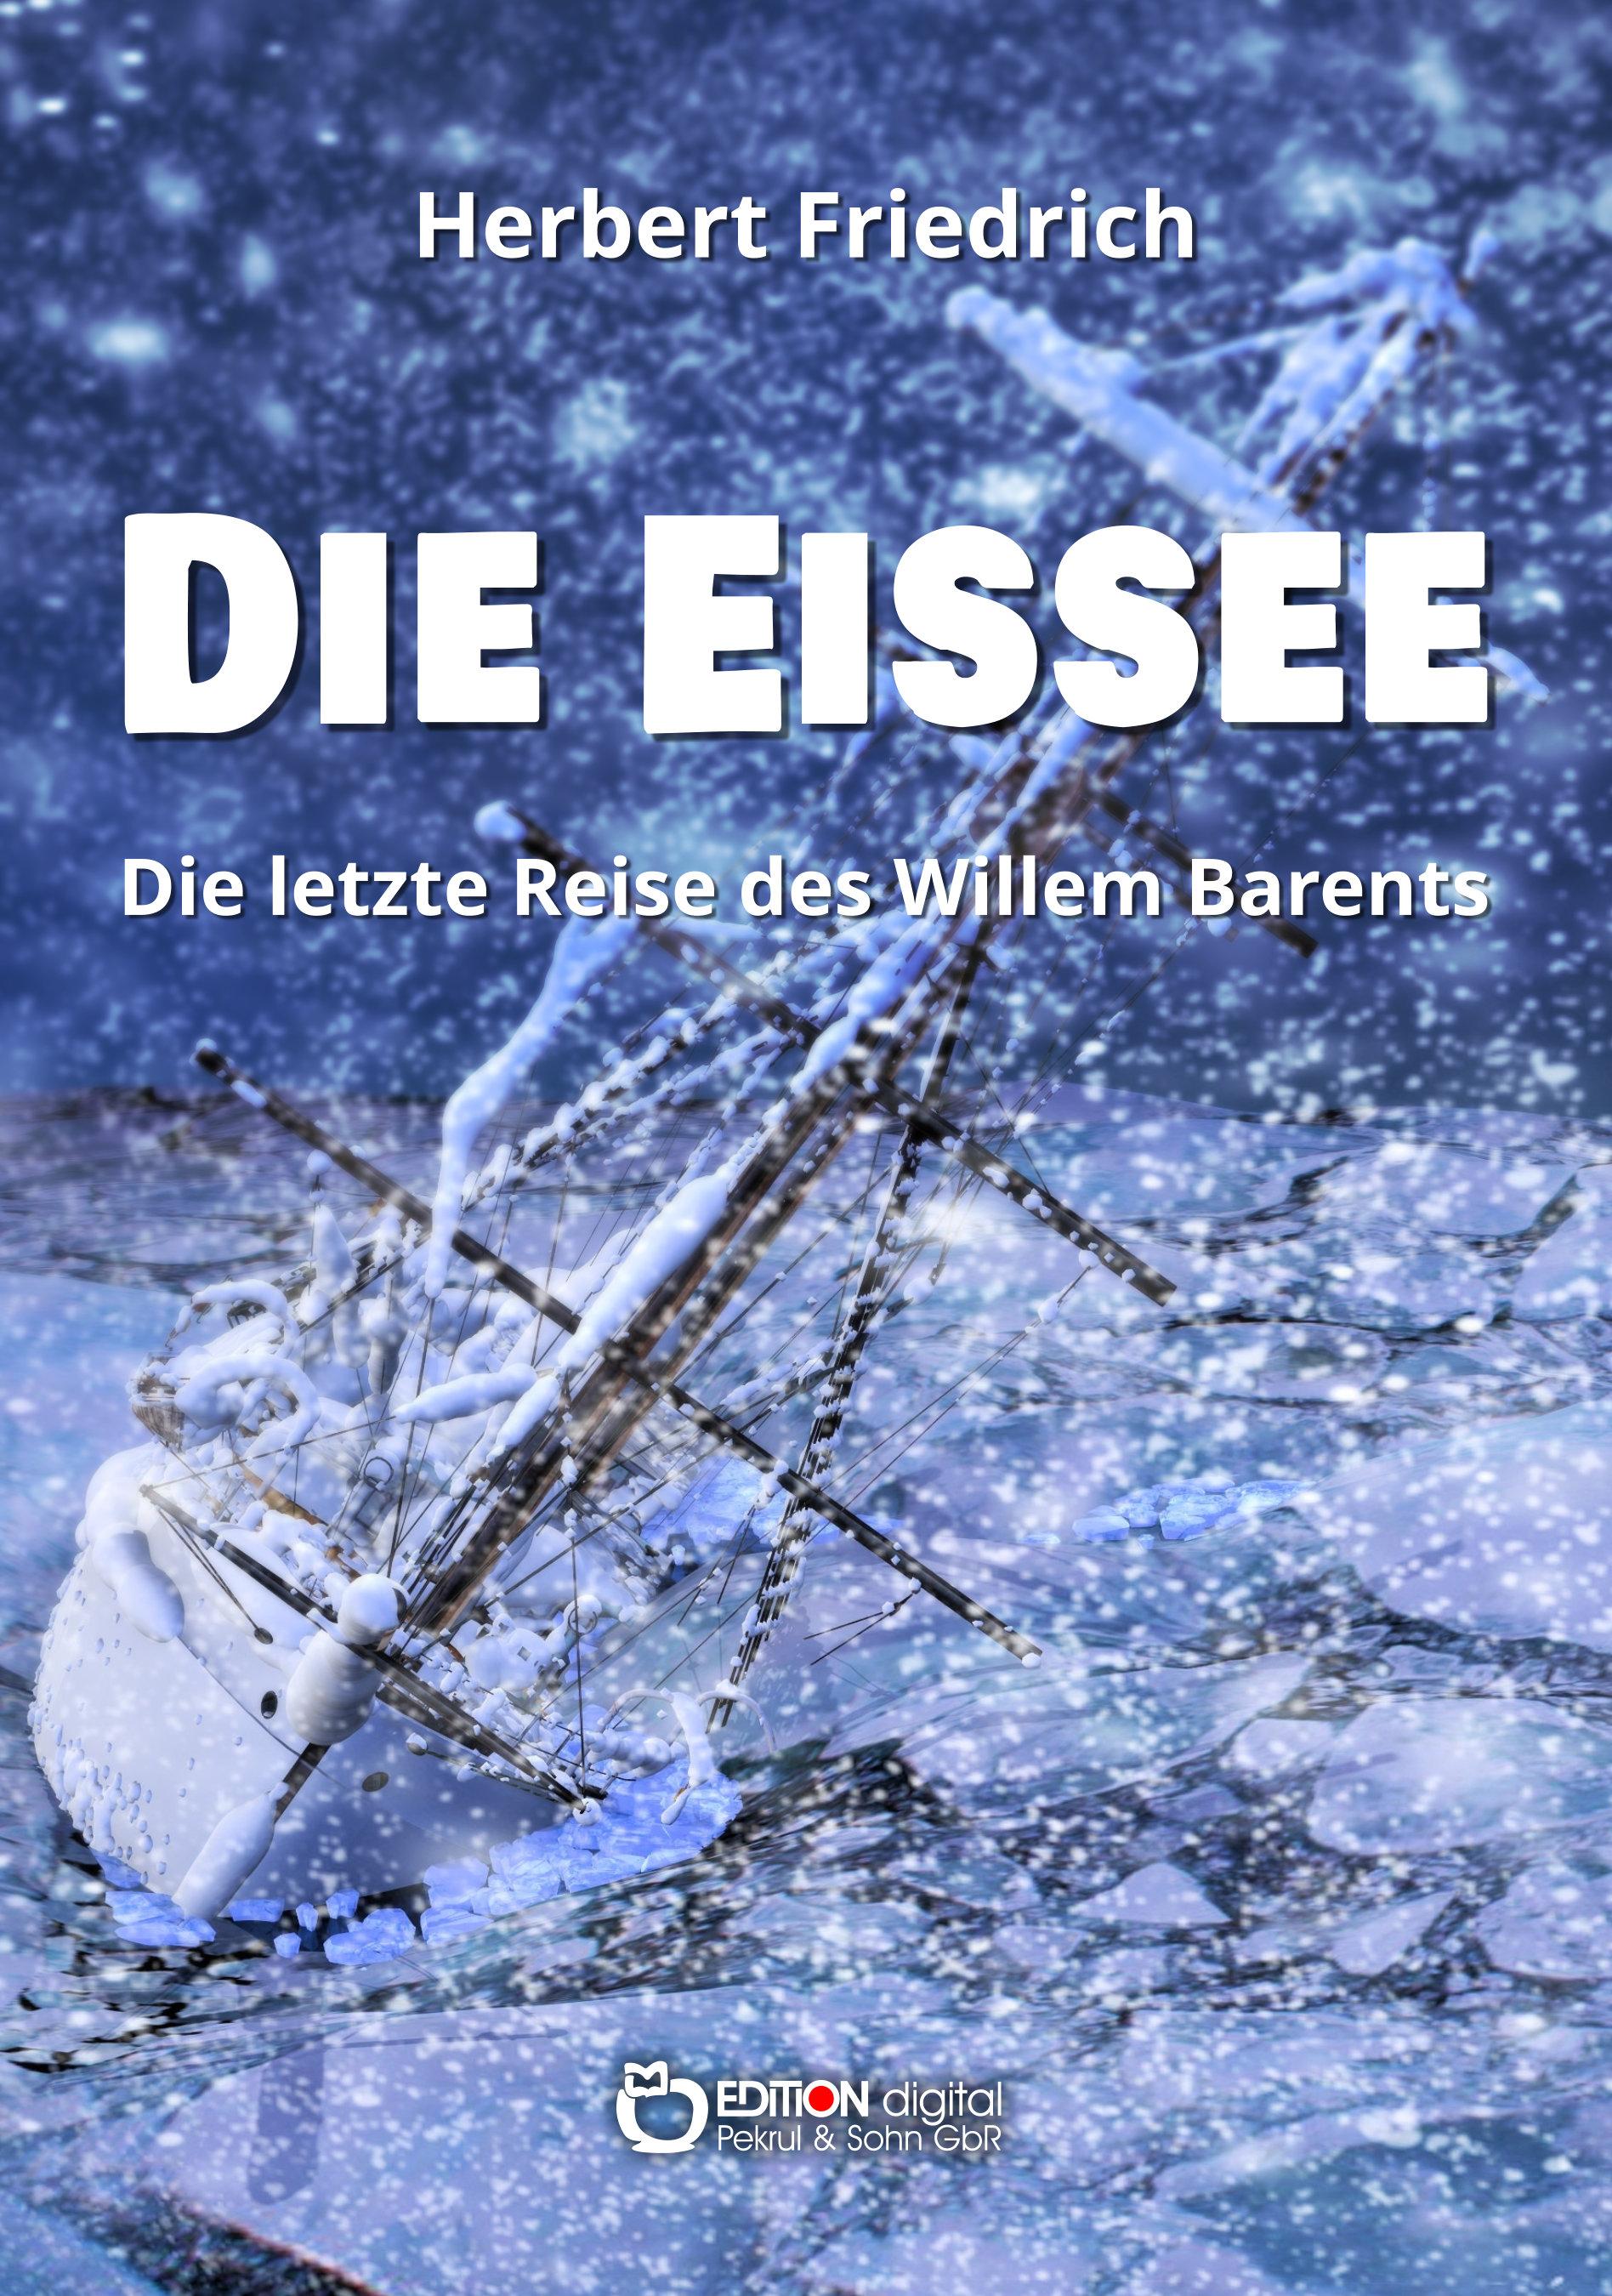 Die Eissee. Die letzte Reise des Willem Barents von Herbert Friedrich